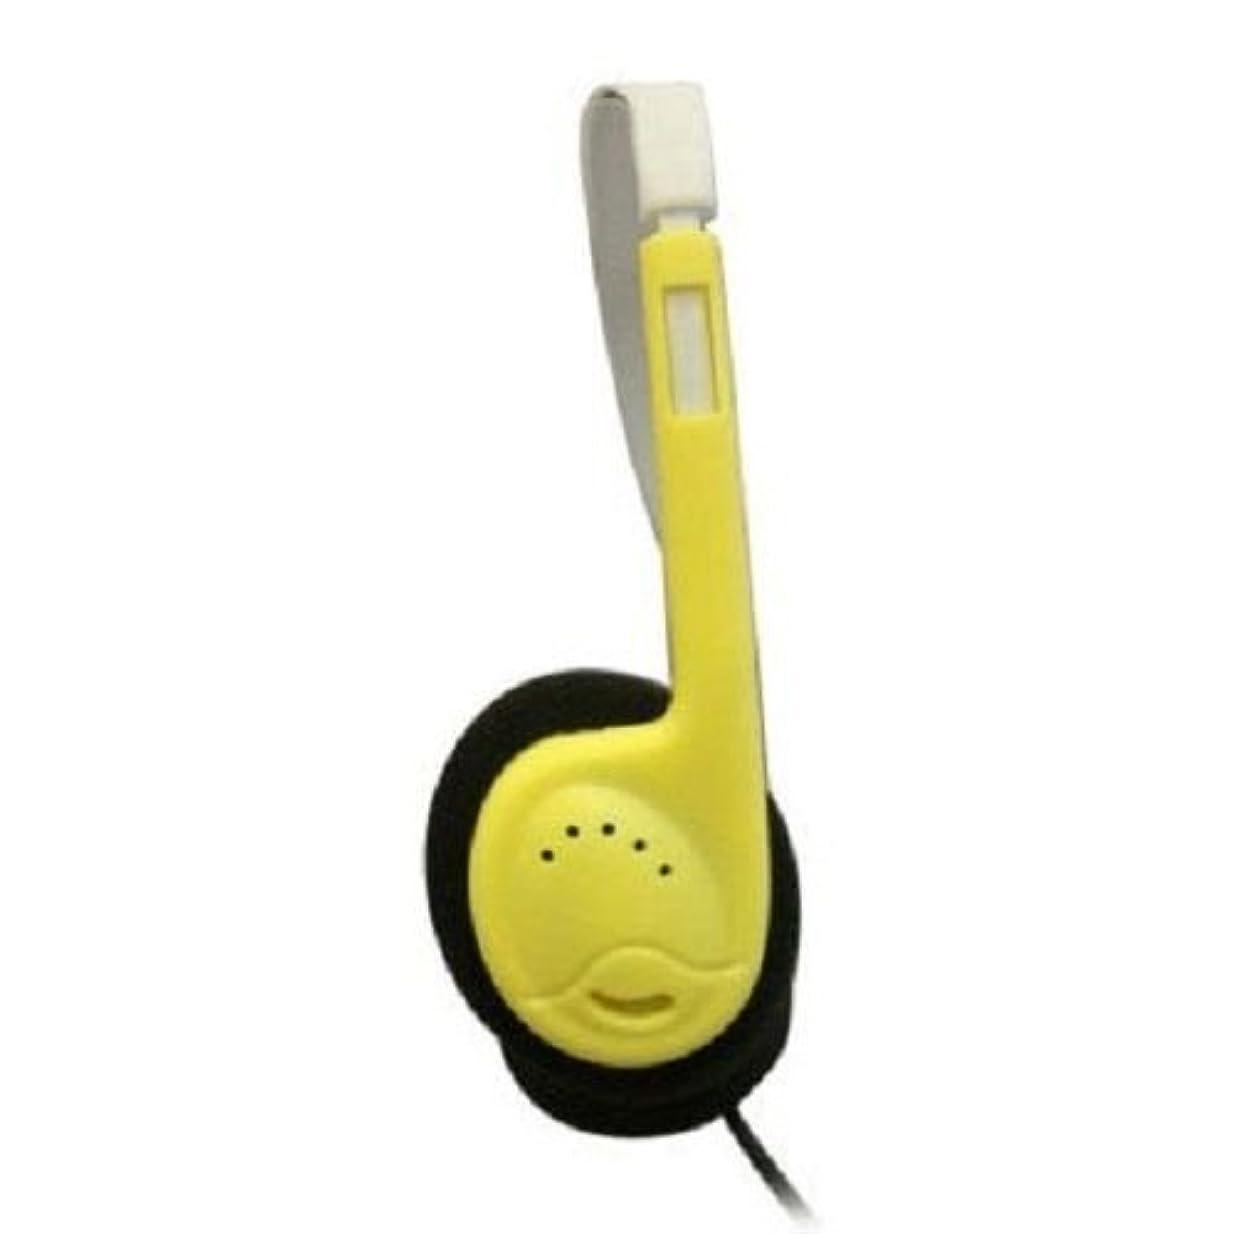 ブルーベルブルーベル保育園Avid教育1edu-812yel-lowaslオートサウンドLimiting headphone44?; Foam earpads44?;イエロー